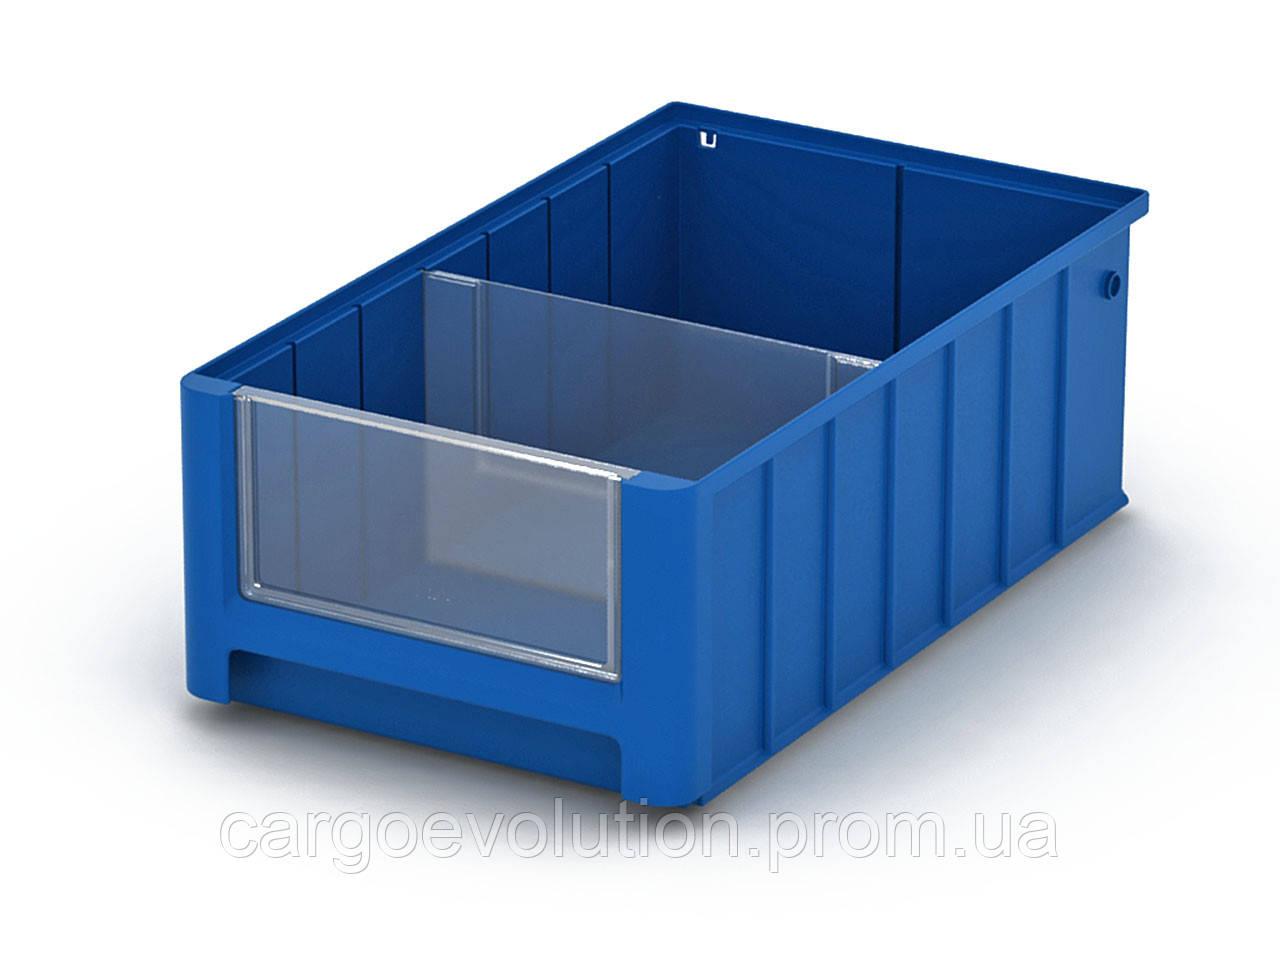 Полочный пластиковый контейнер SK 400x234x140